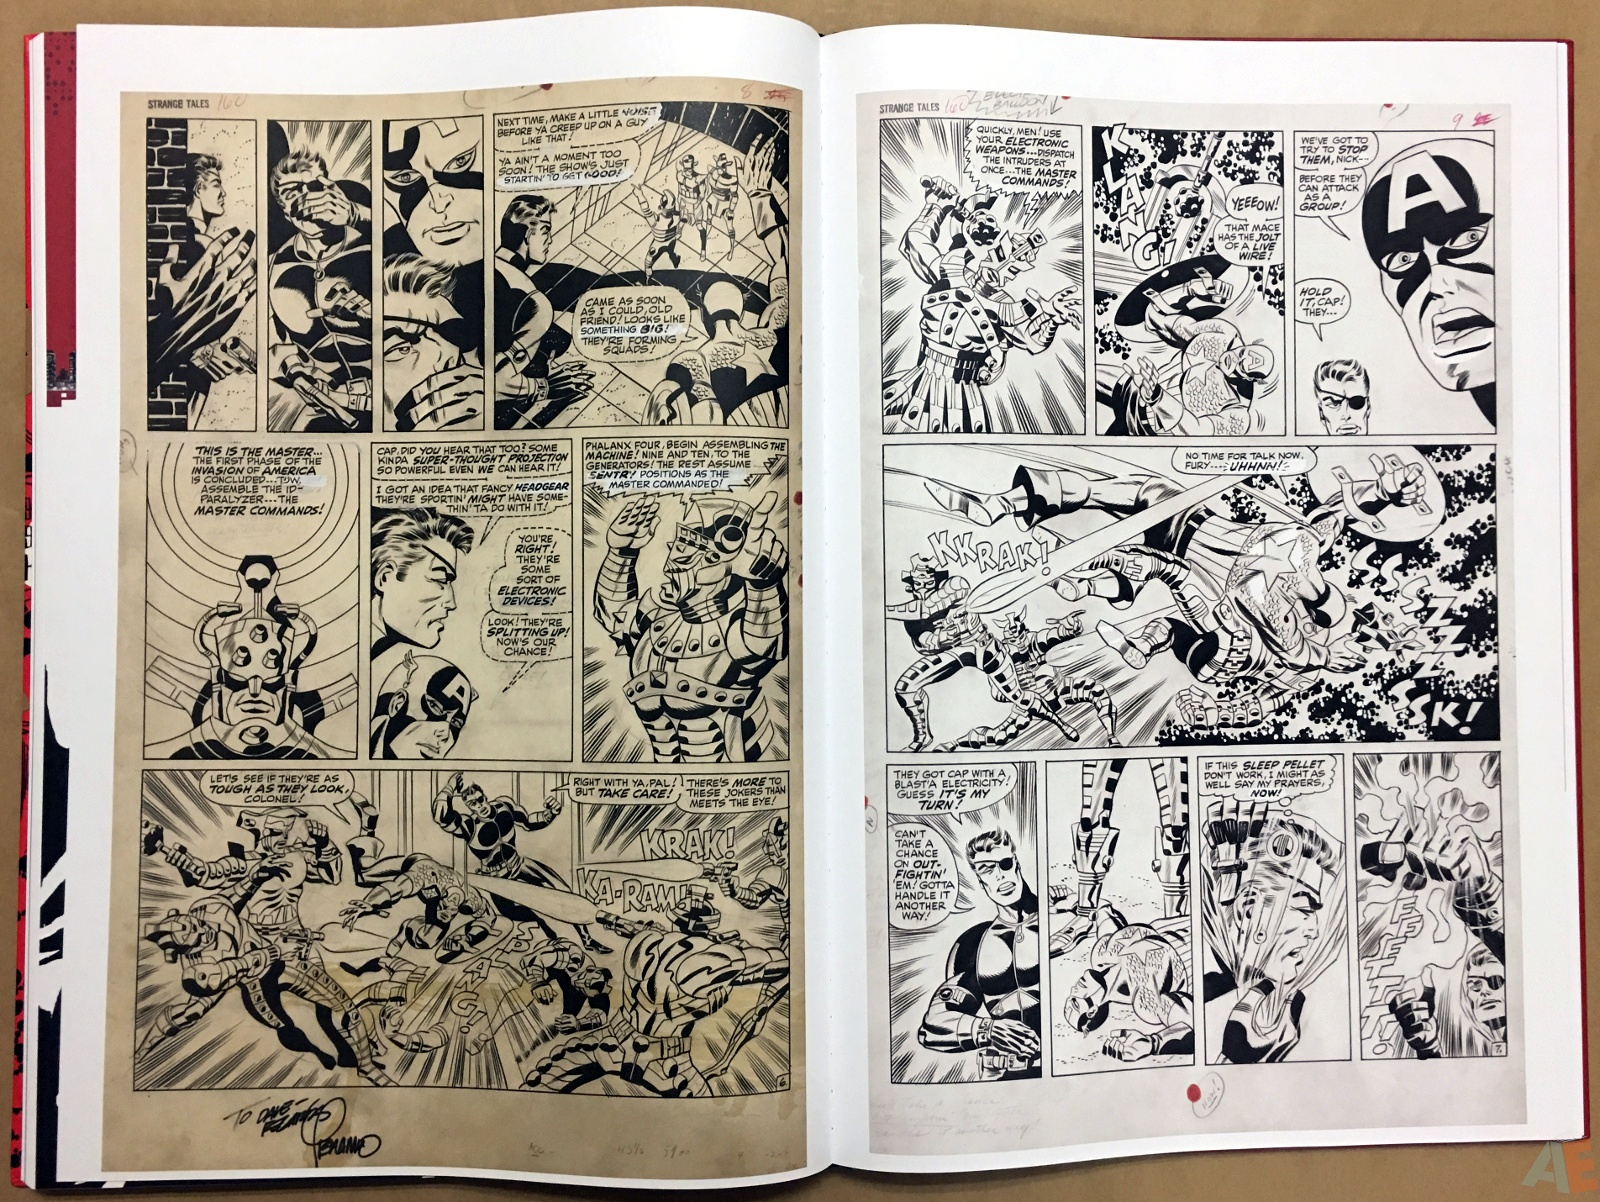 Steranko Nick Fury Agent of S.H.I.E.L.D. Artist's Edition 48